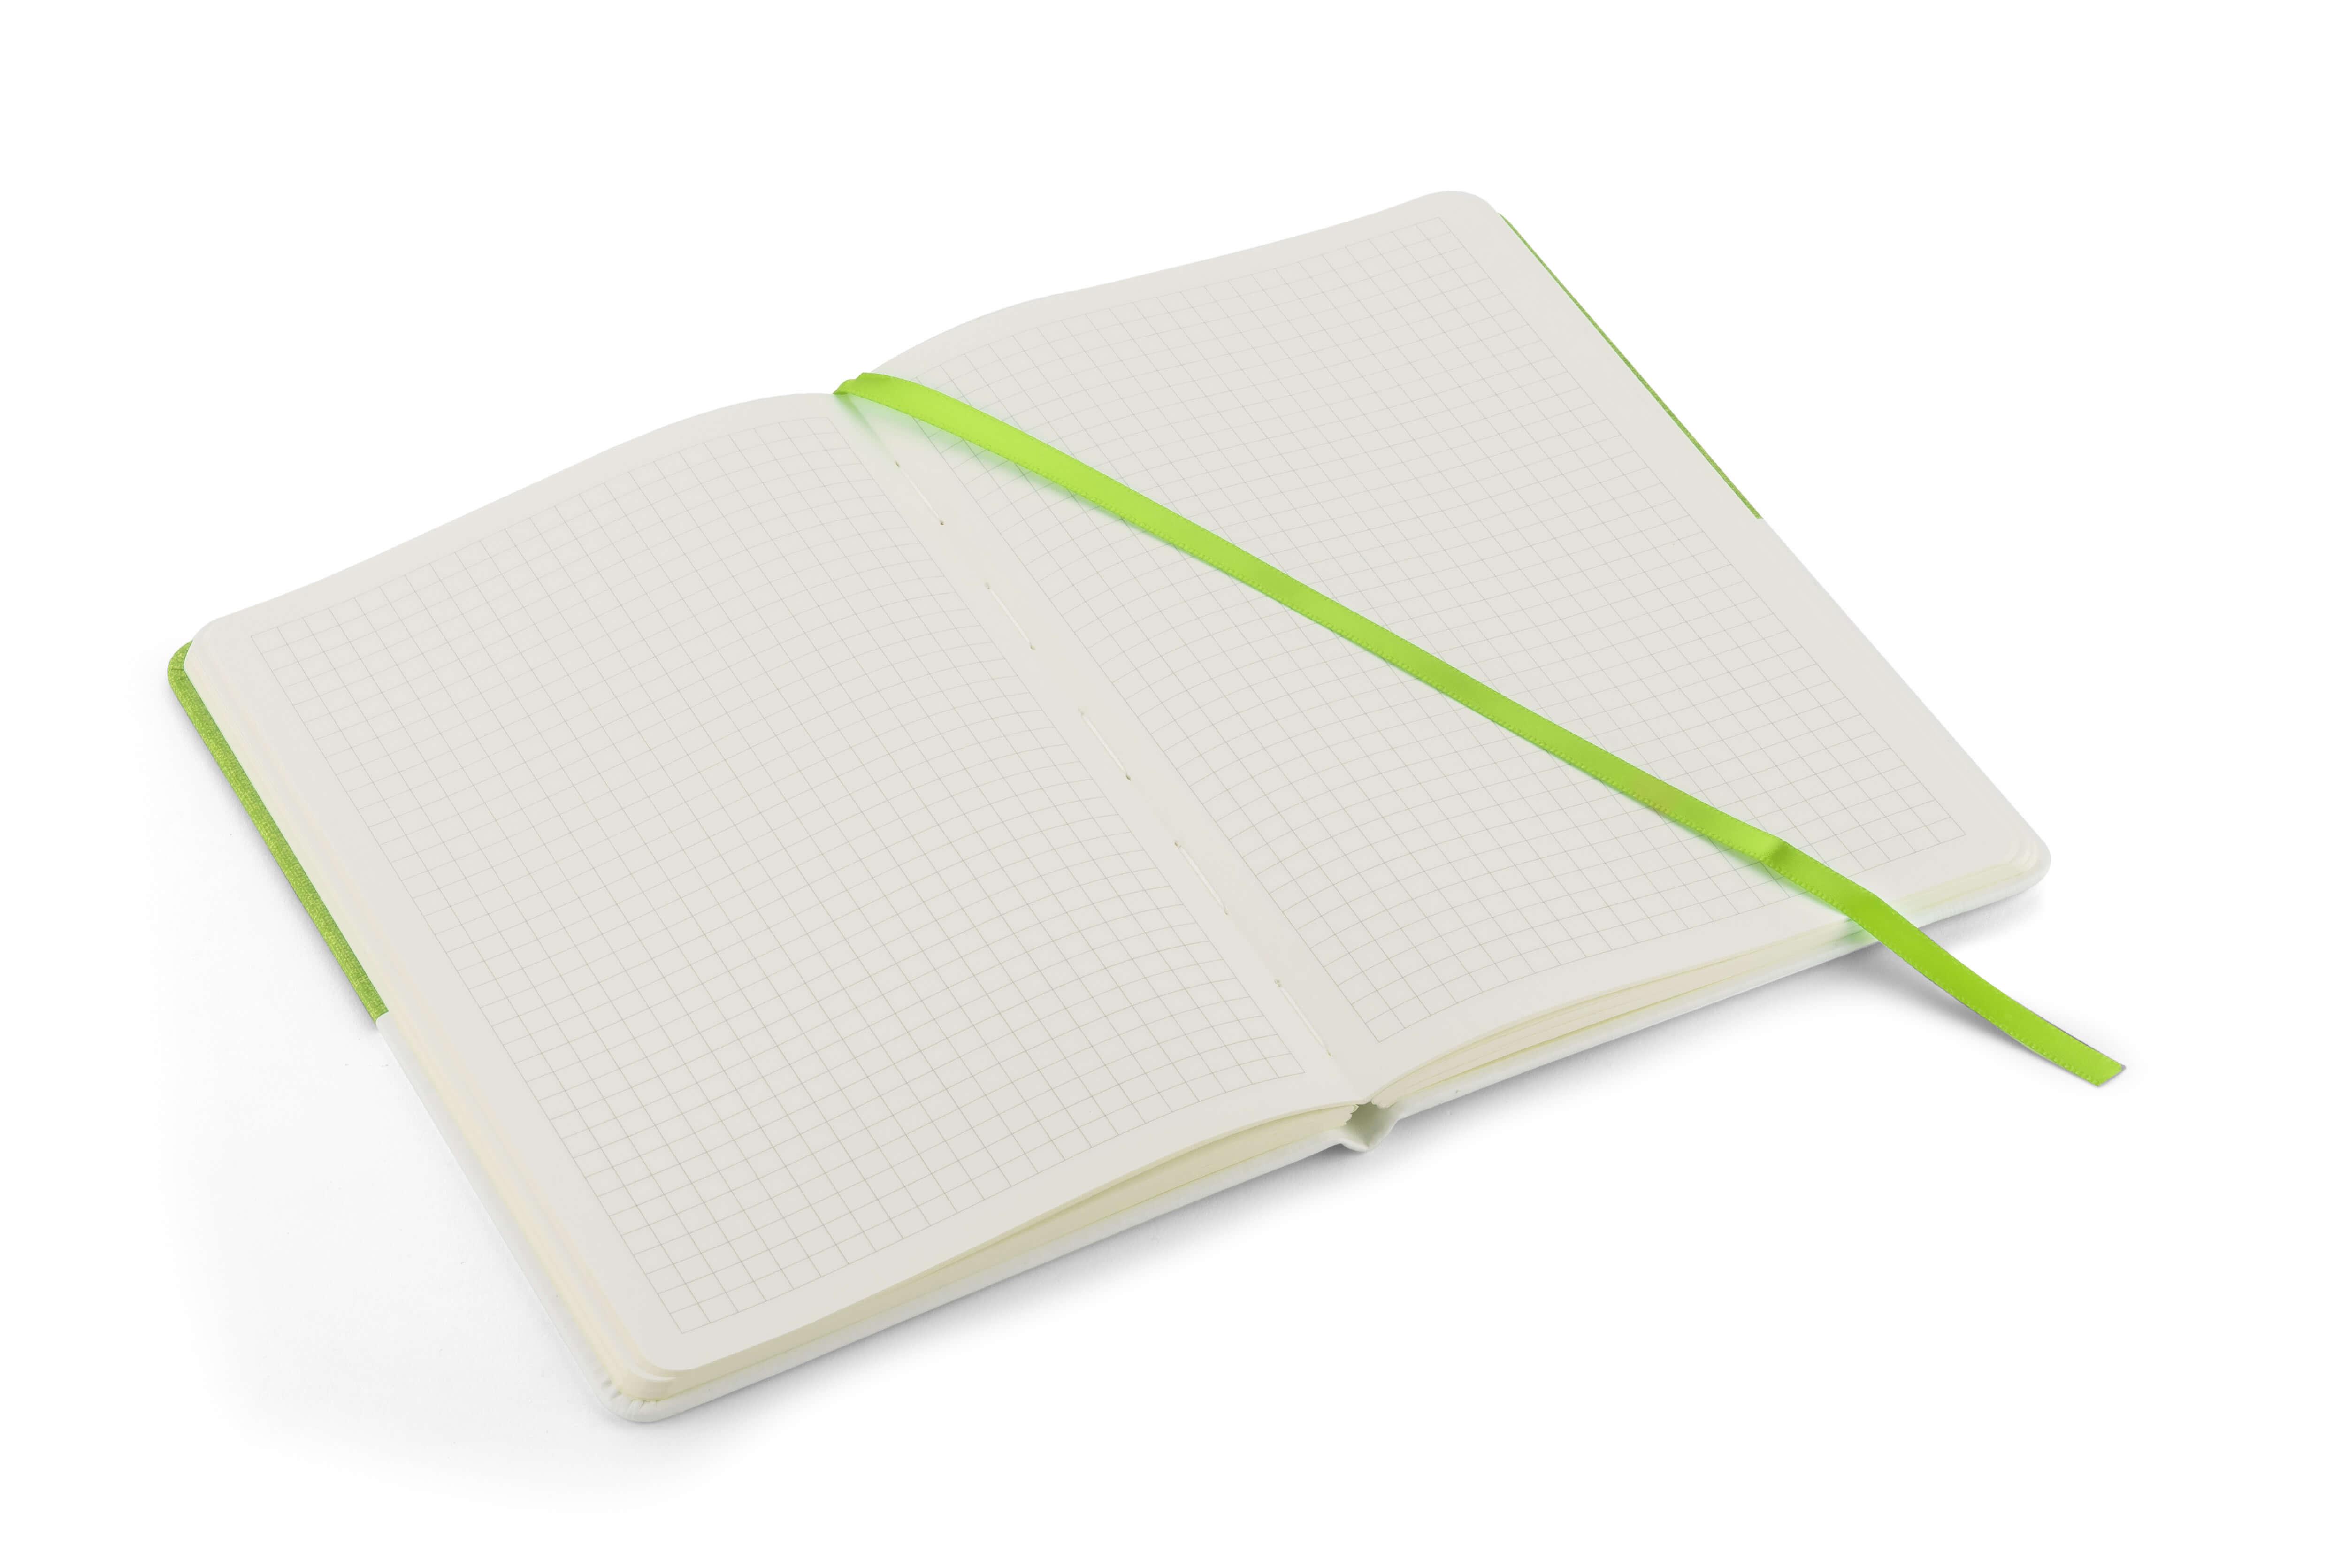 interior notebook twin verde